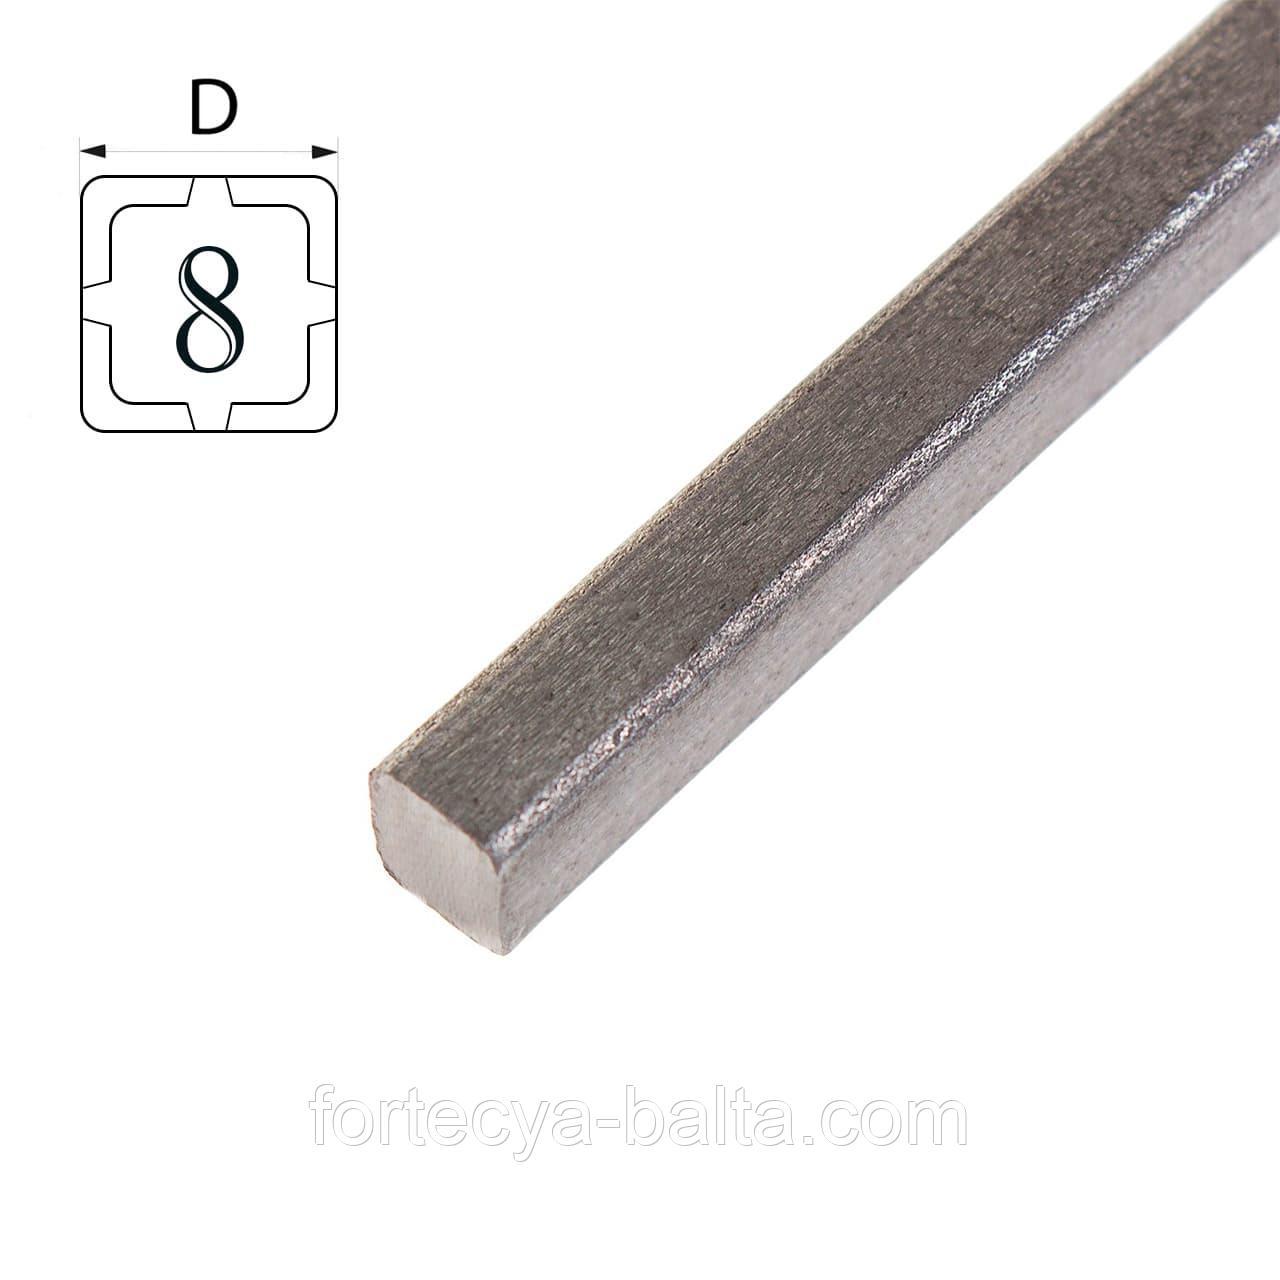 Квадрат металлический 8мм фото